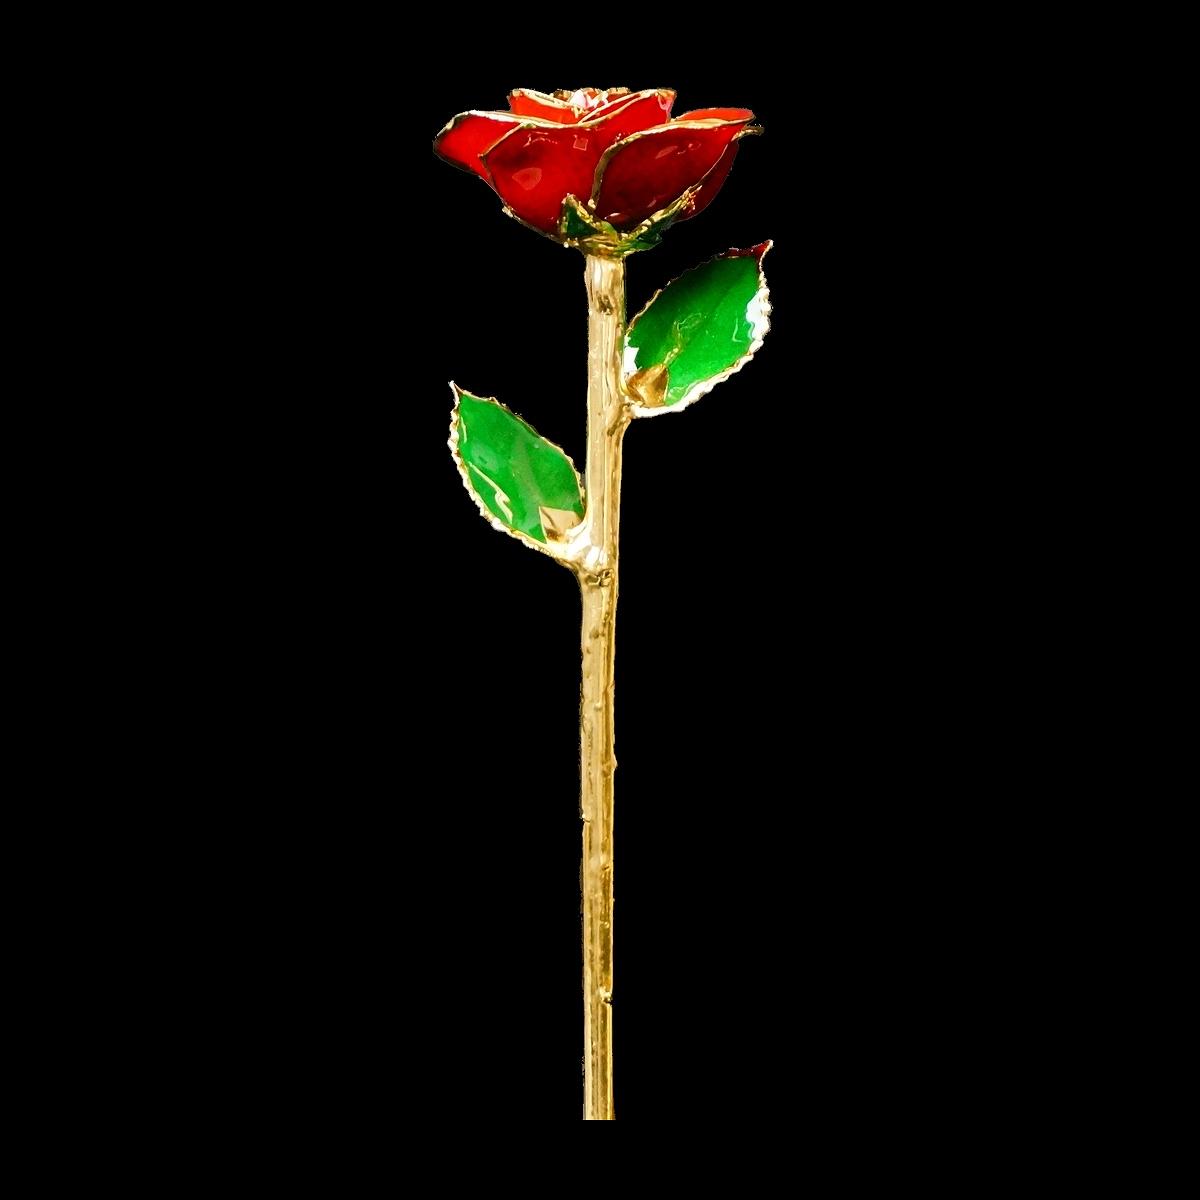 母の日ギフトに。本物の薔薇を、24金で縁取りした「レッドローズ」